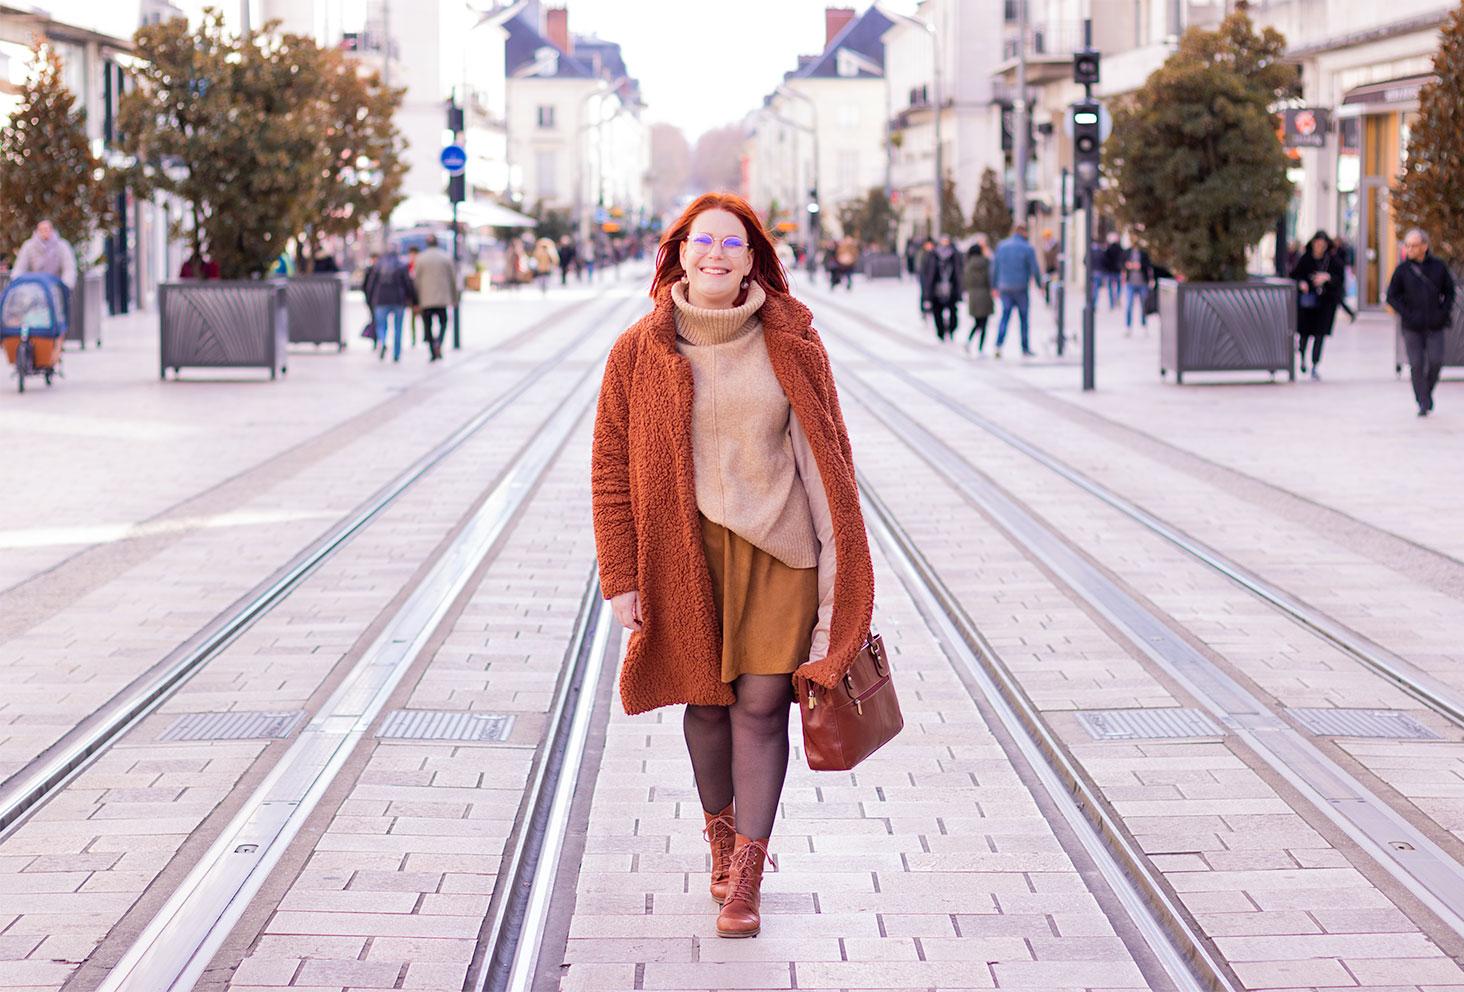 En train de marcher au milieu de la grande rue Nationale de Tours, en manteau marron Shein, le sac à main au bras et le sourire au lèvres